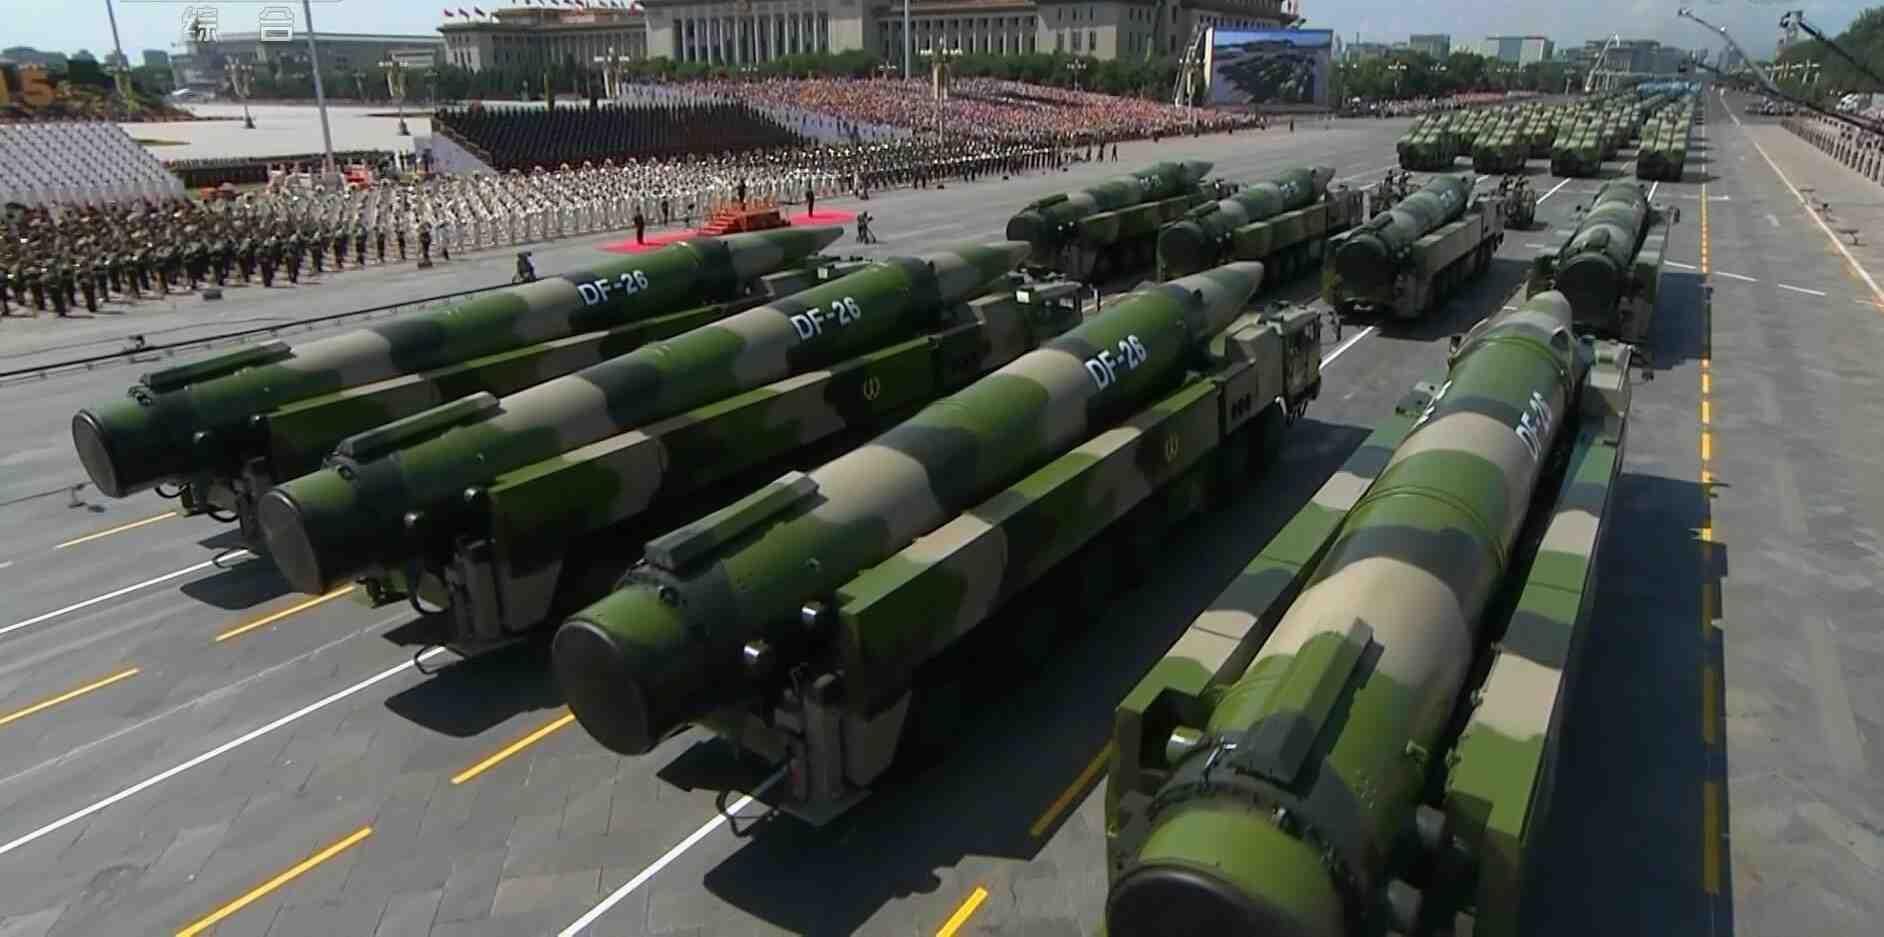 Най-мащабният проект на Китай от времето на Студената война